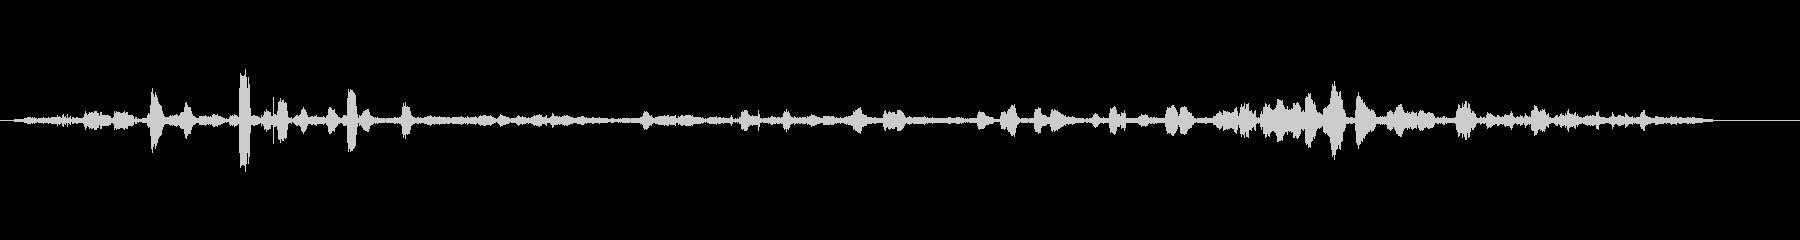 ユリカモメ(Mouette rie...の未再生の波形